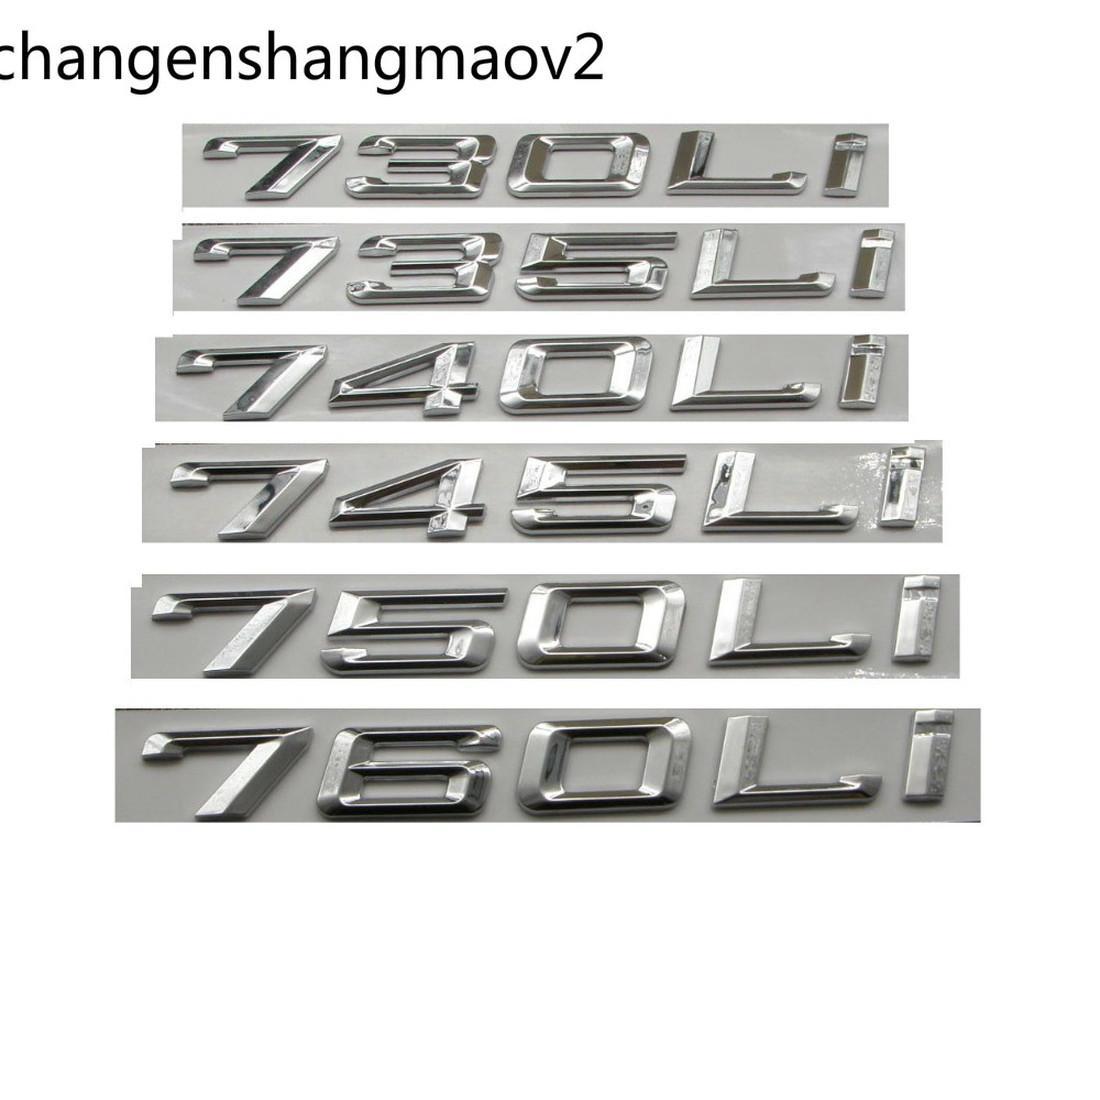 Chrome Silver Number Letters Car Trunk Badge Emblem Emblemas para BMW 7 Series 745i 740i 750i 730li 735li 740li 750li 745li 760li